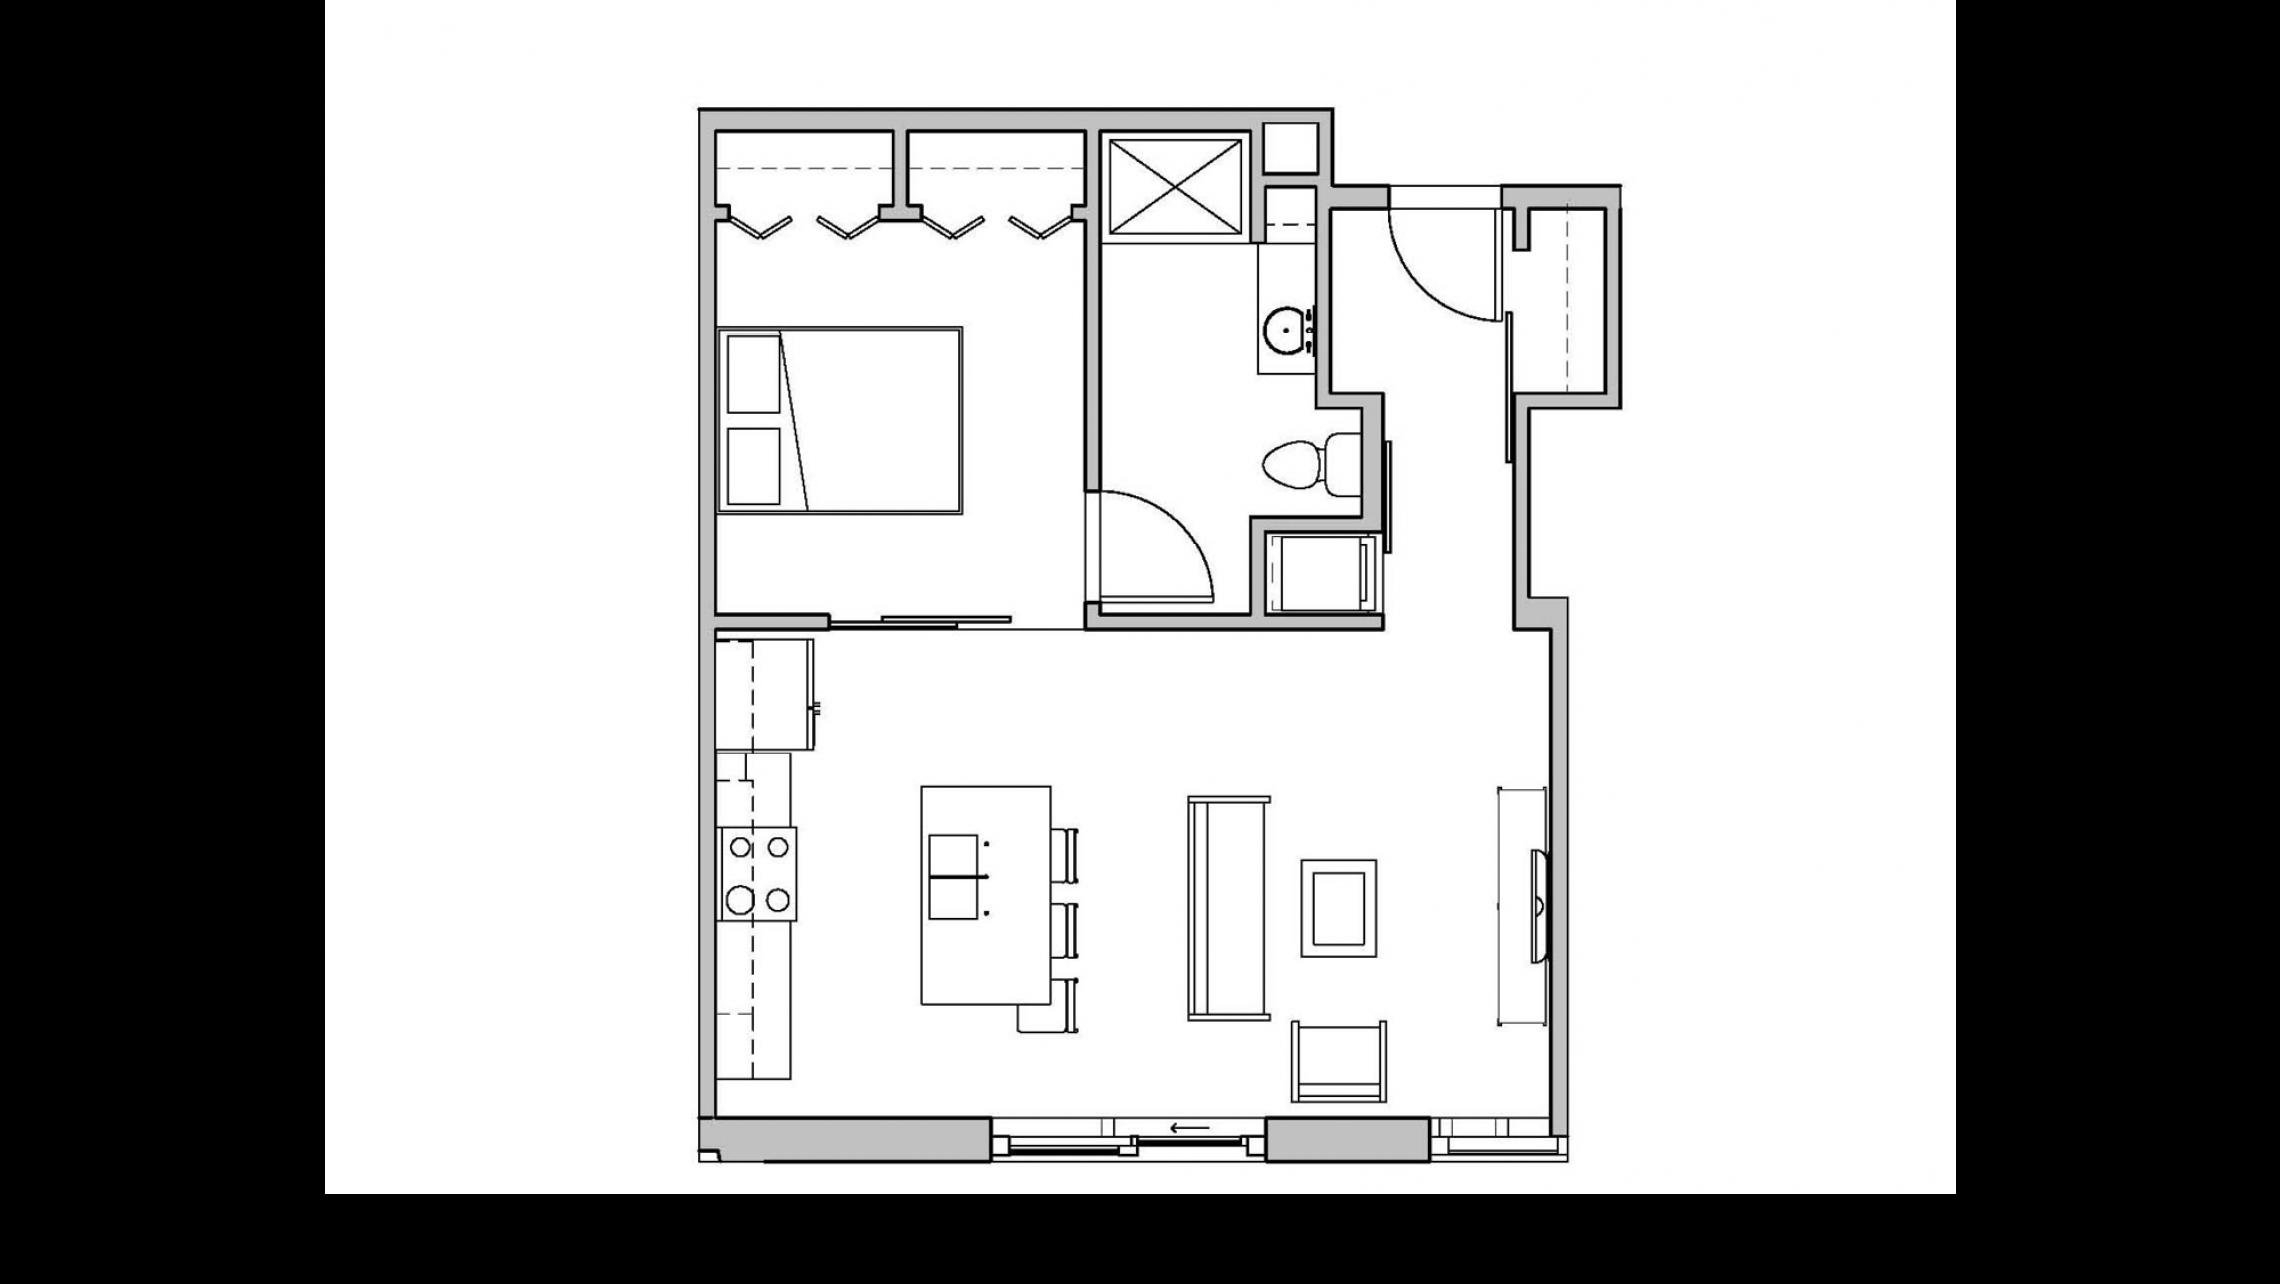 ULI Seven27 113 - One Bedroom, One Bathroom